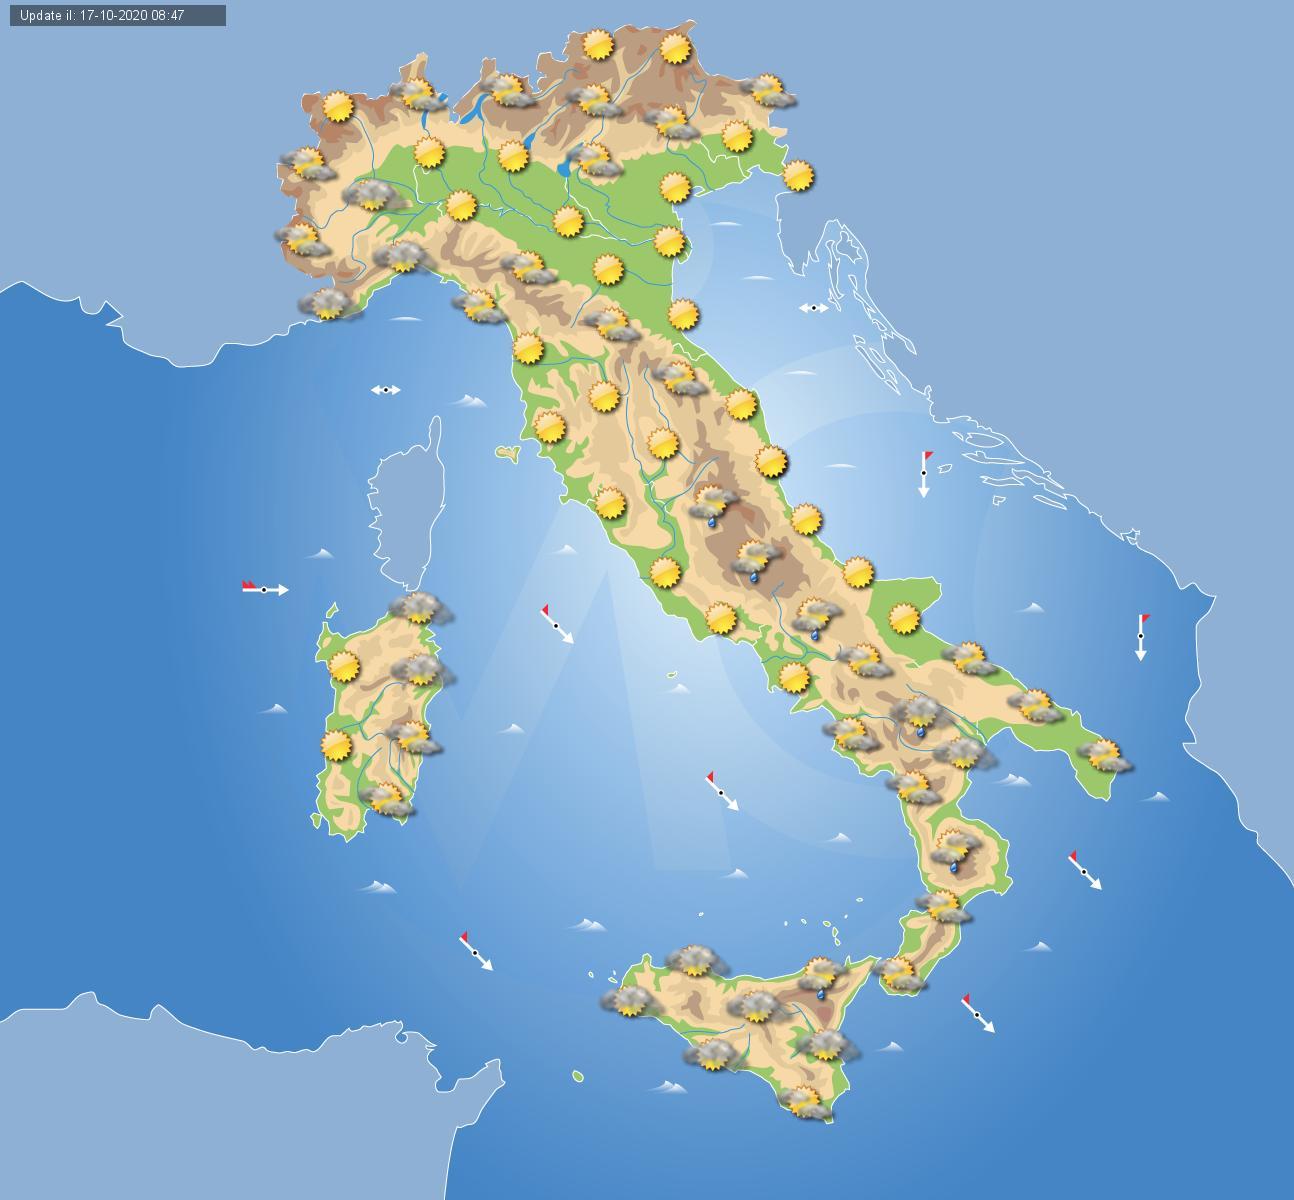 Cartina Meteorologica Dell Italia.Previsioni Meteo Domani 18 Ottobre Tempo In Miglioramento Salvo Residue Piogge